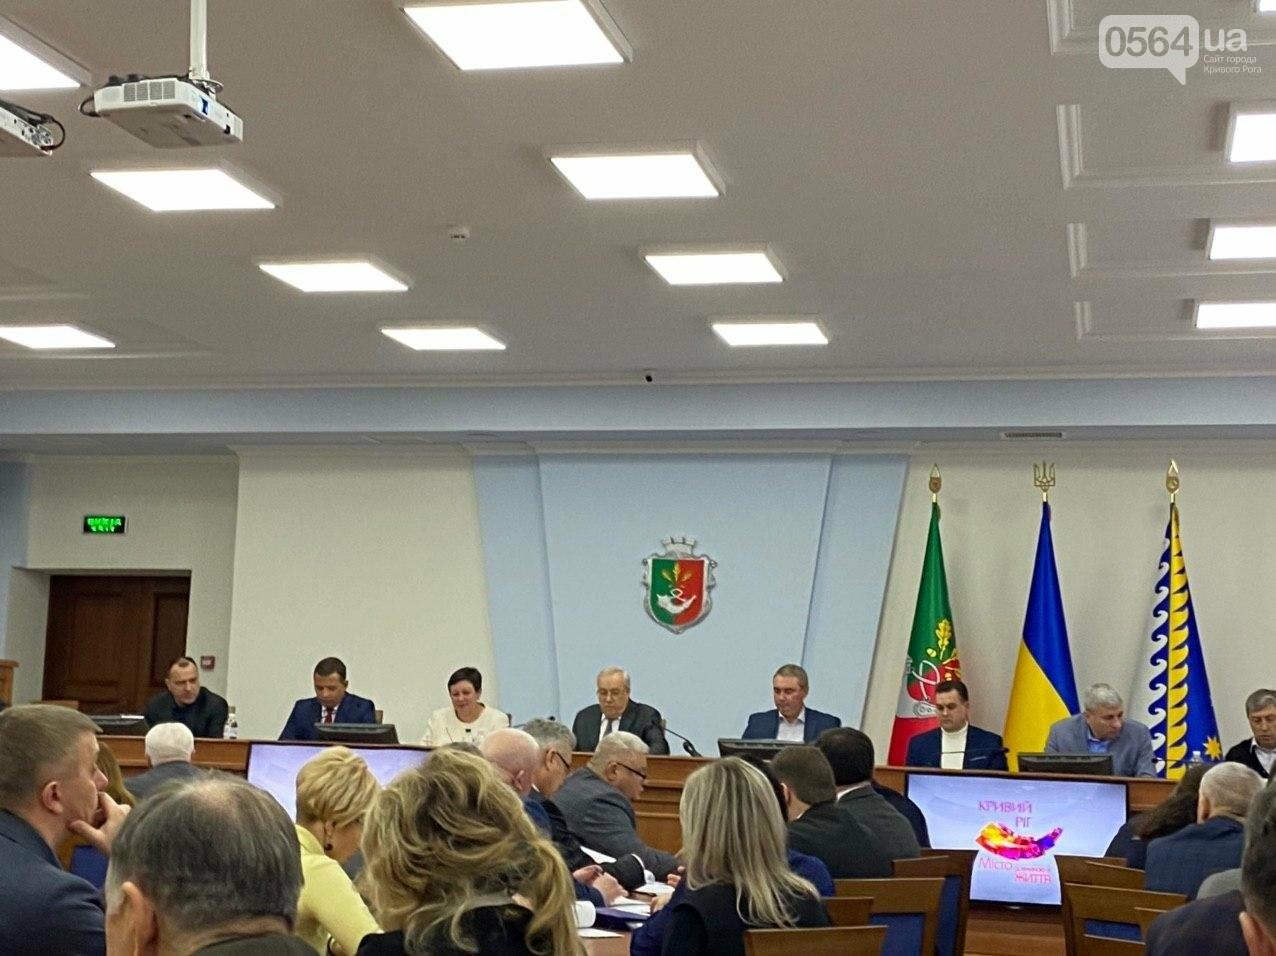 Криворожские чиновники собрались на первое в 2020 заседание горисполкома, - ФОТО, фото-1